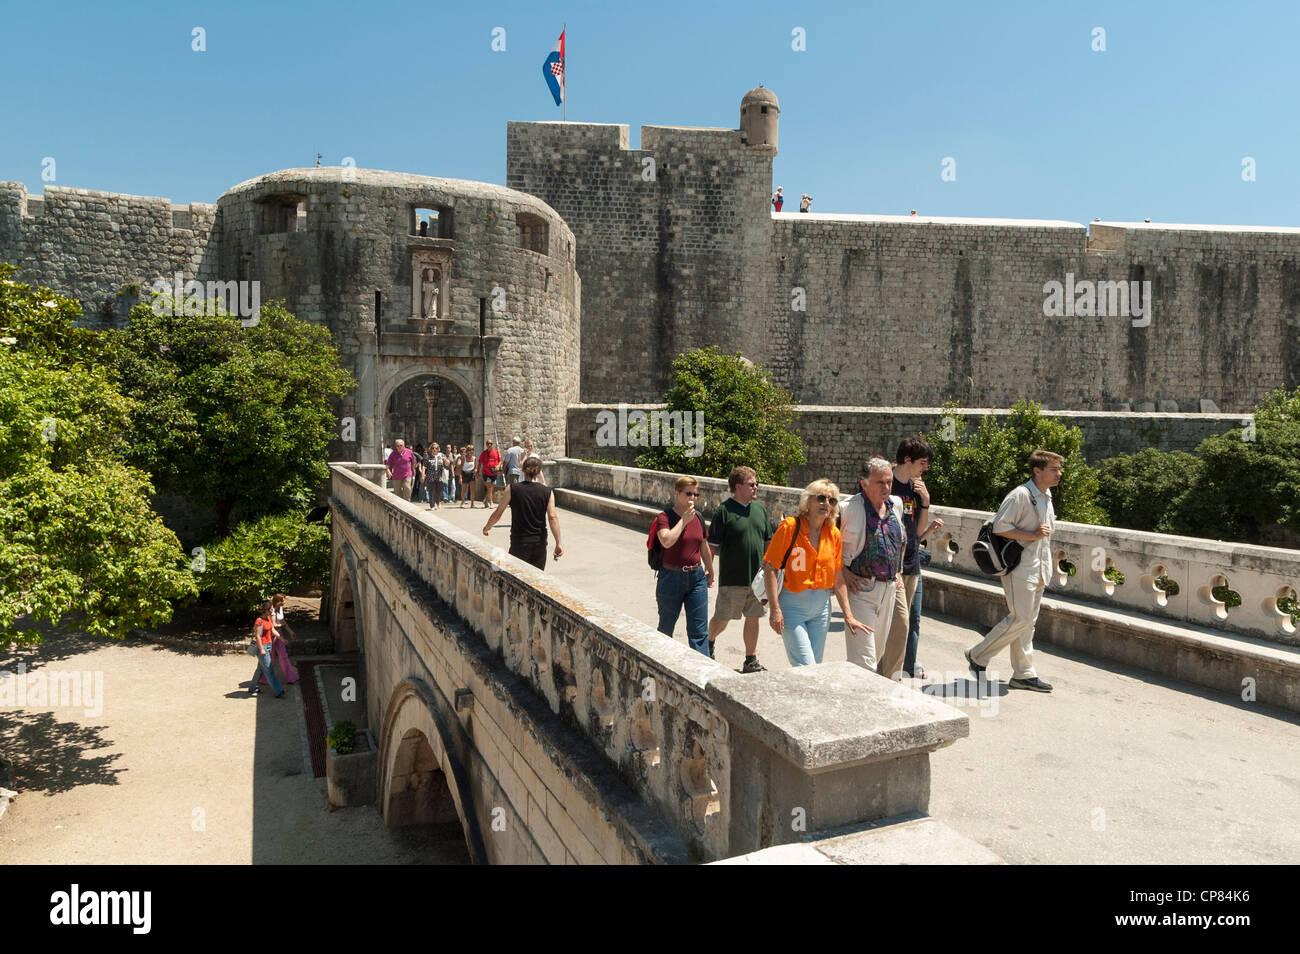 Dubrovnik, Croatie - les touristes à la Porte Pile entrée de la vieille ville et les remparts de la ville Photo Stock